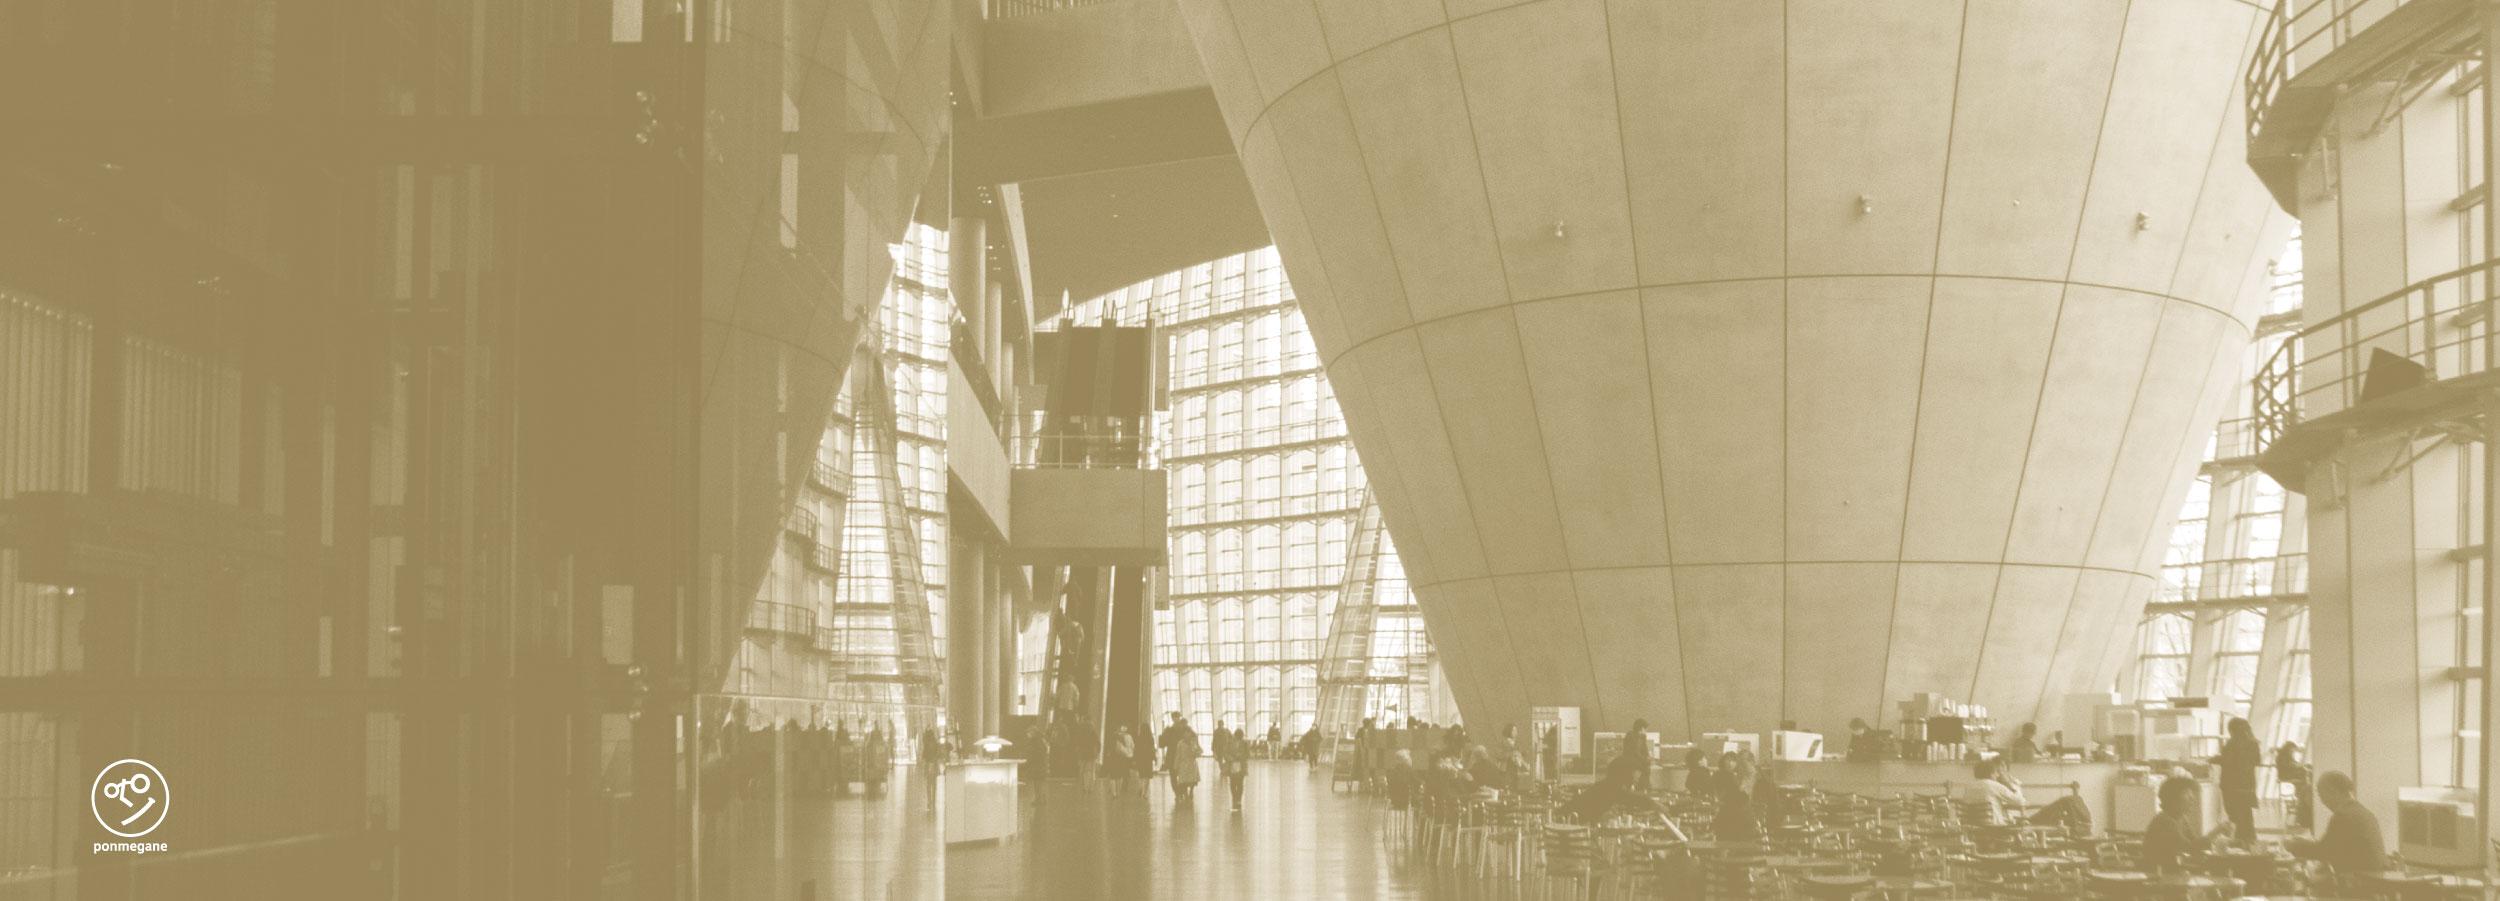 ルーヴル美術館展 ポンメガネ in 国立新美術館 エントランスイメージ